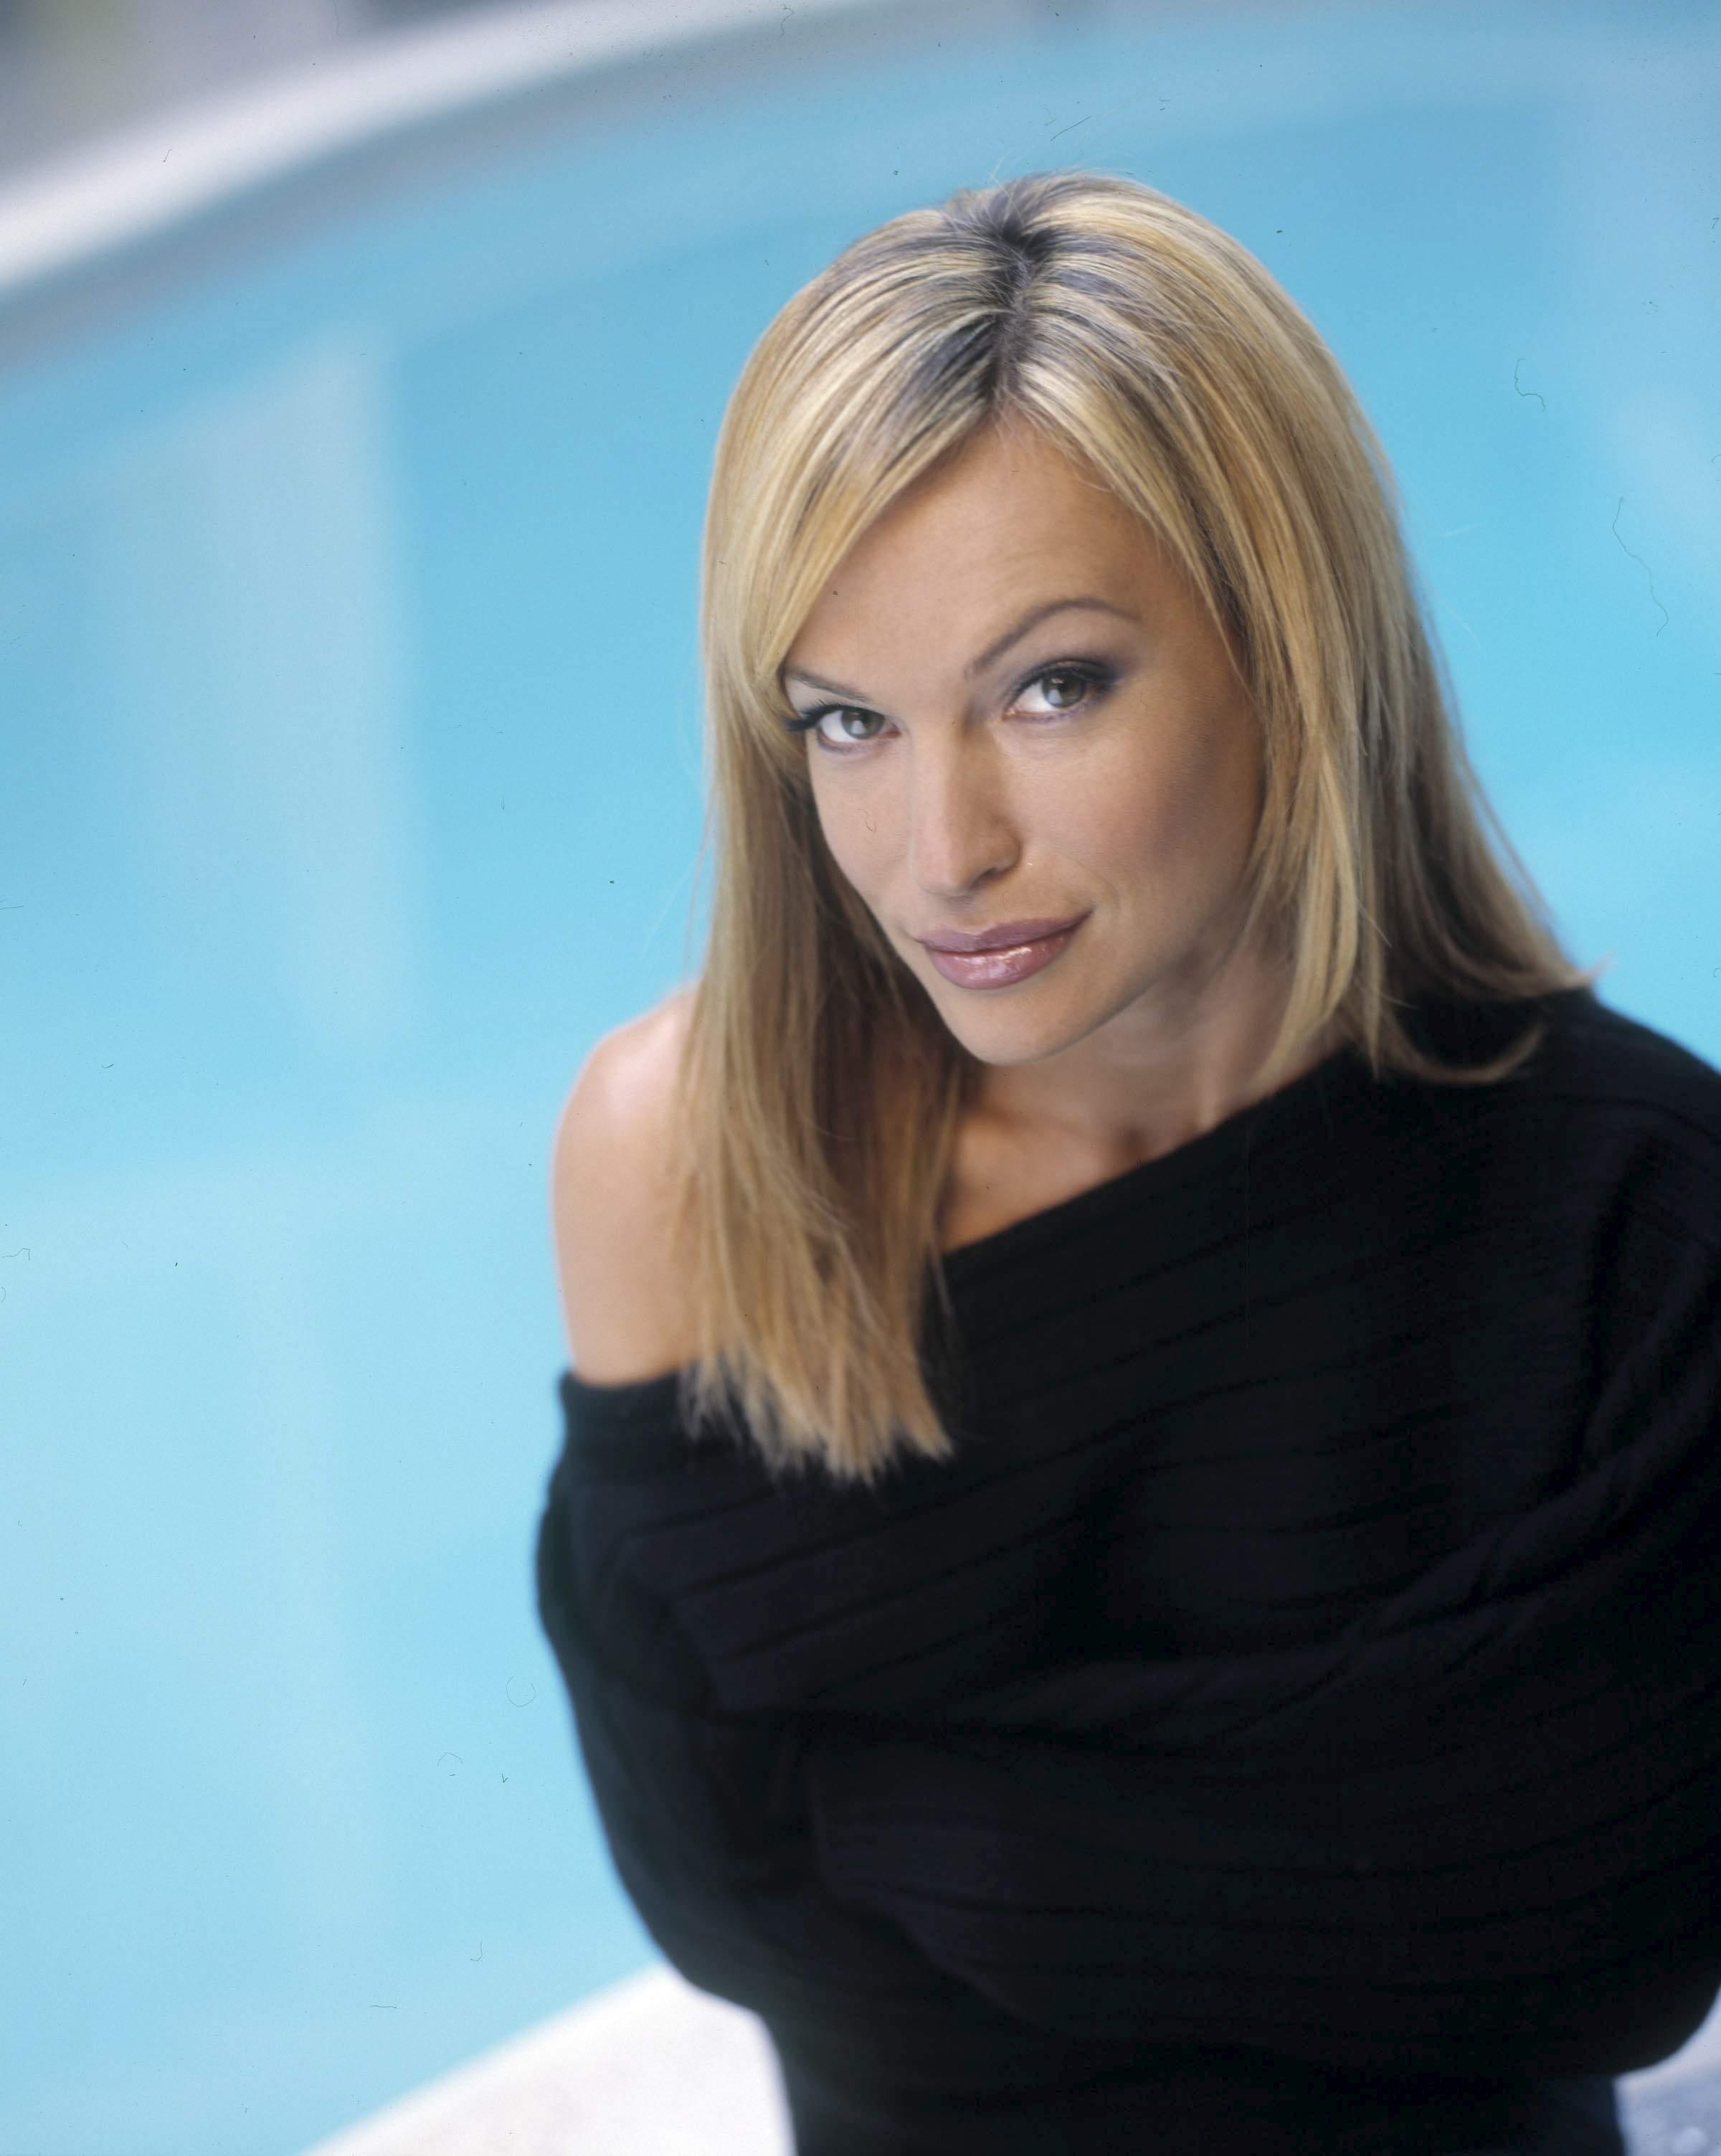 Poze Jolene Blalock - Actor - Poza 33 din 132 - CineMagia.ro